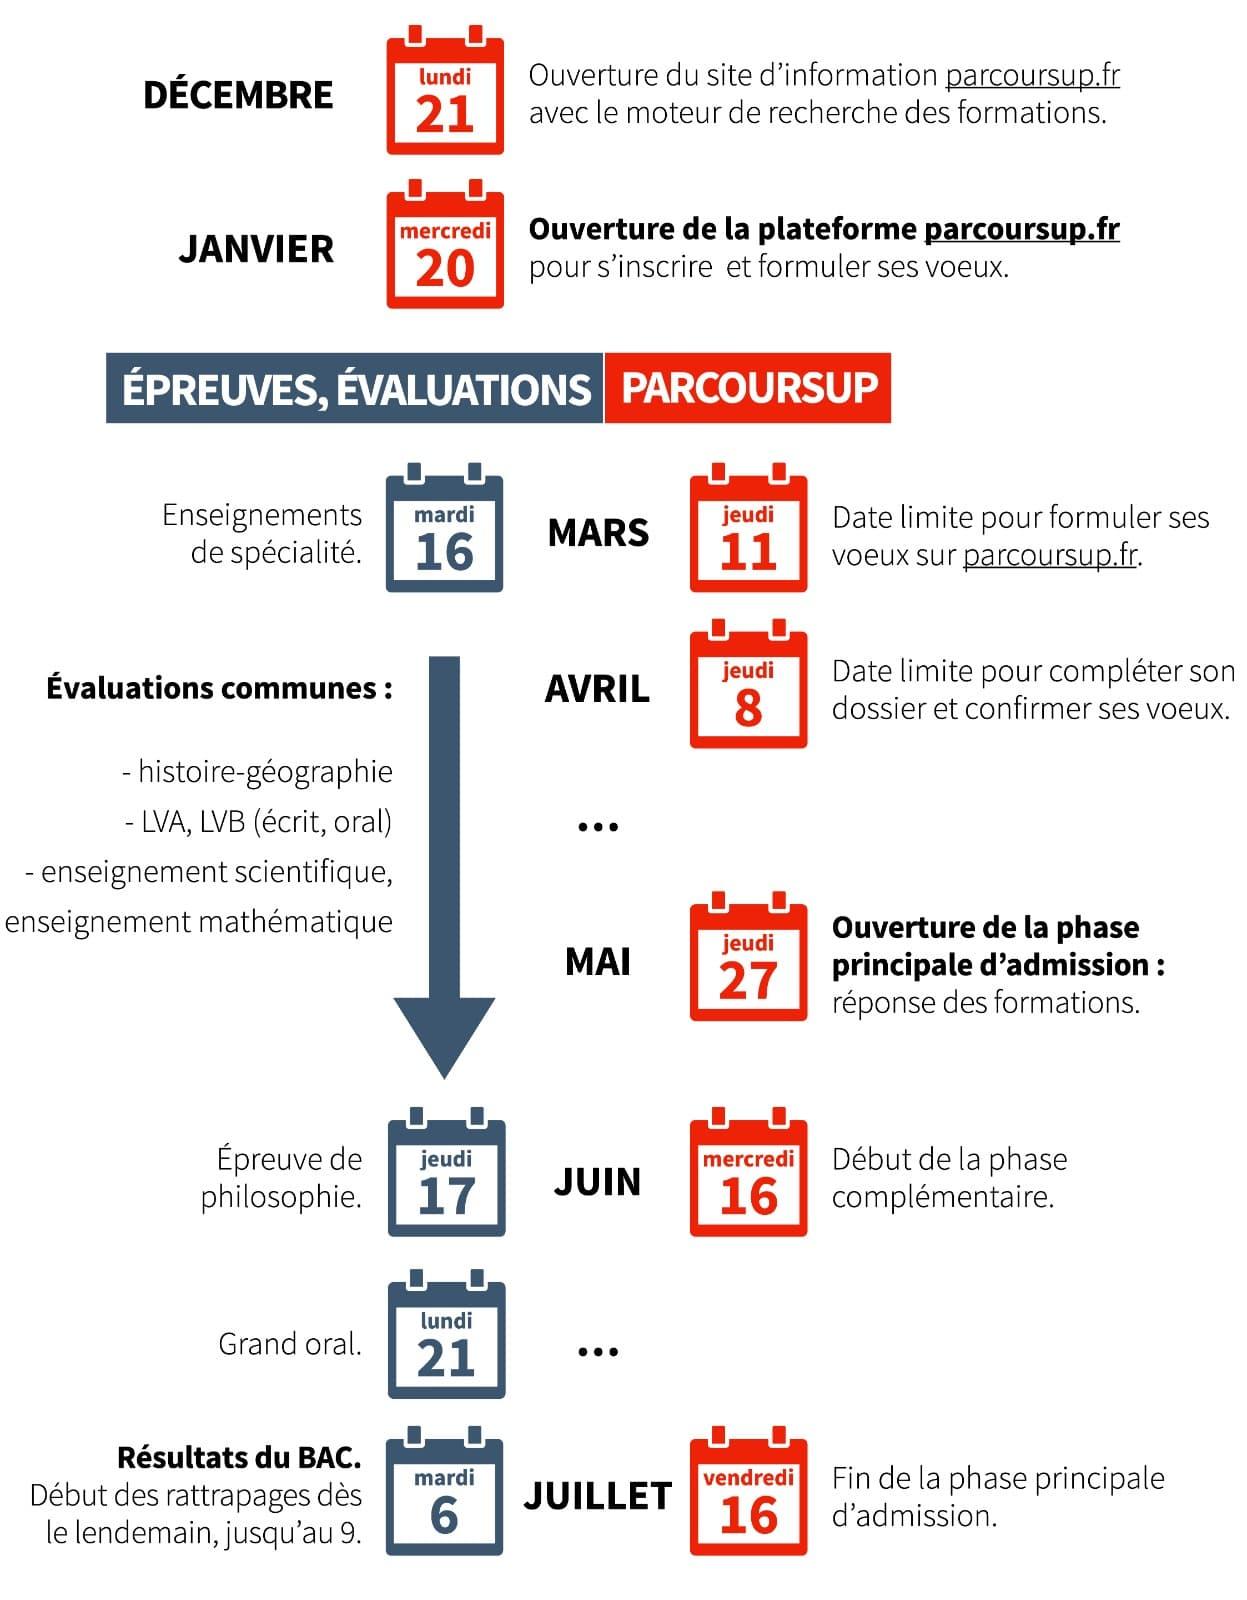 Calendrier Parcoursup 2021 Bac, Parcoursup: voici le calendrier de l'année 2020 2021